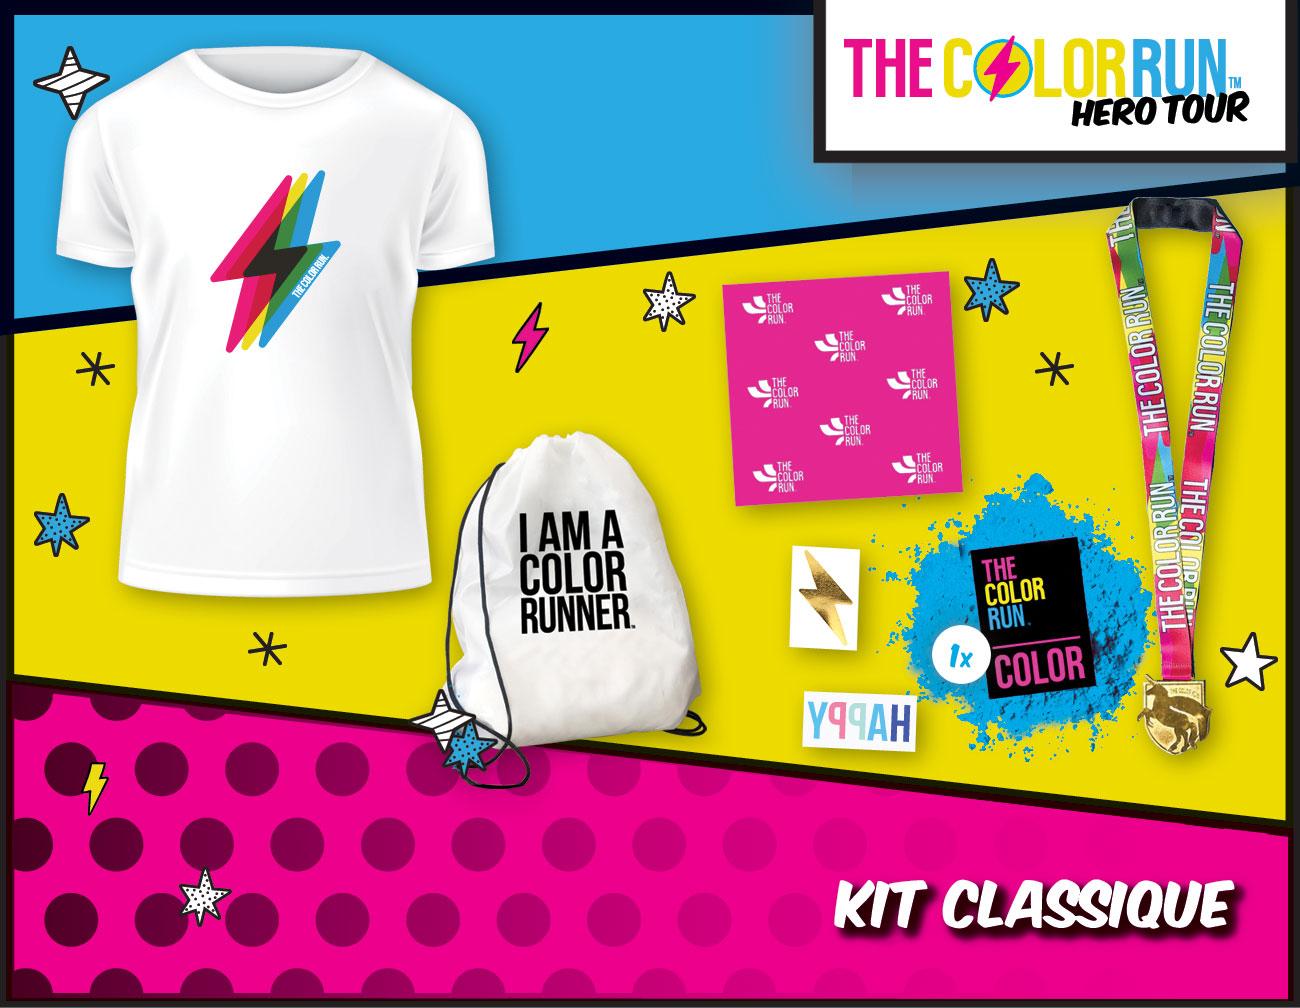 Classique Participant Kit